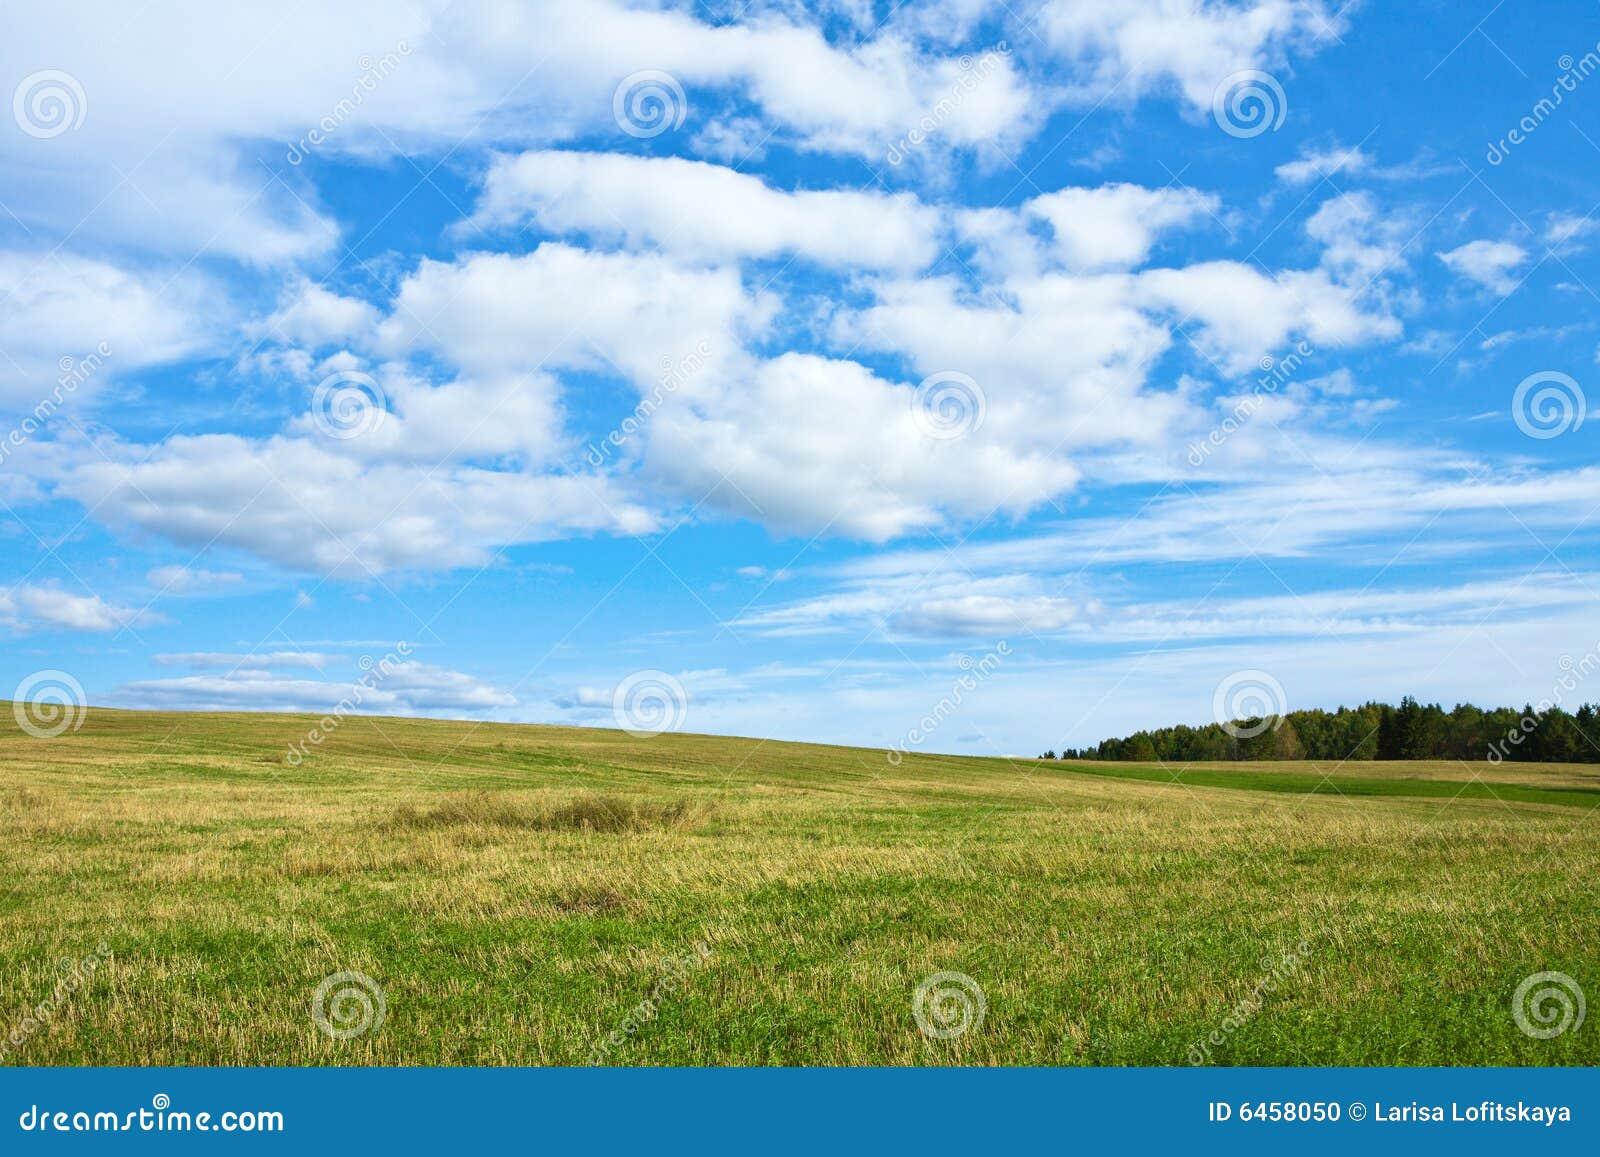 Dni niebo niebieskie słońce